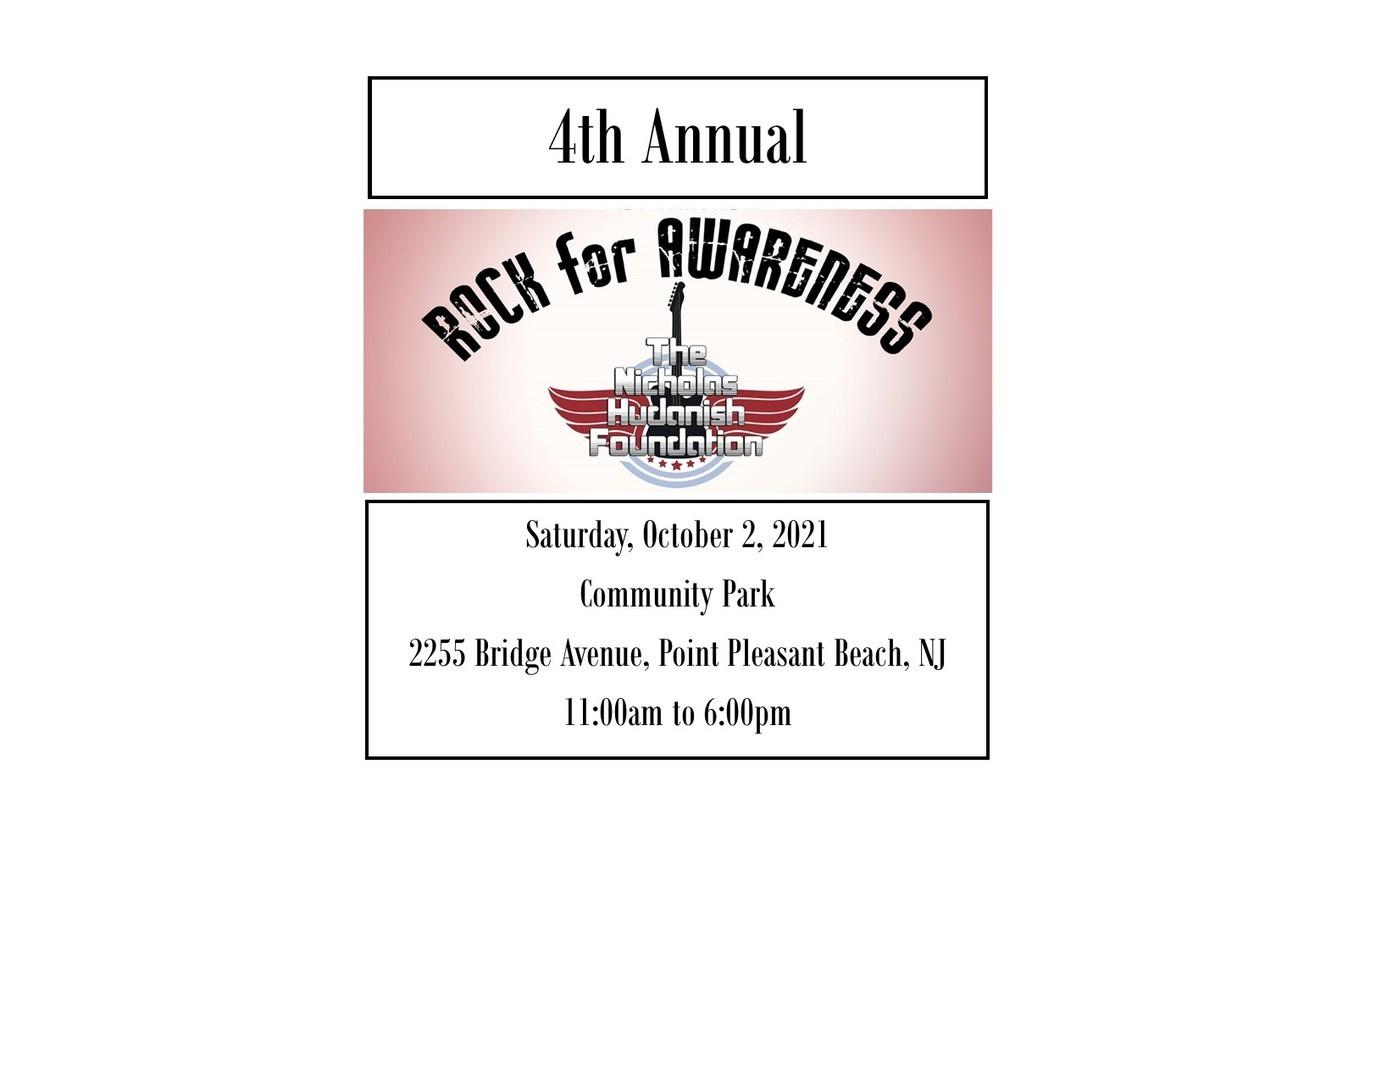 4th Annual Nicholas Hudanish Rock for Awareness